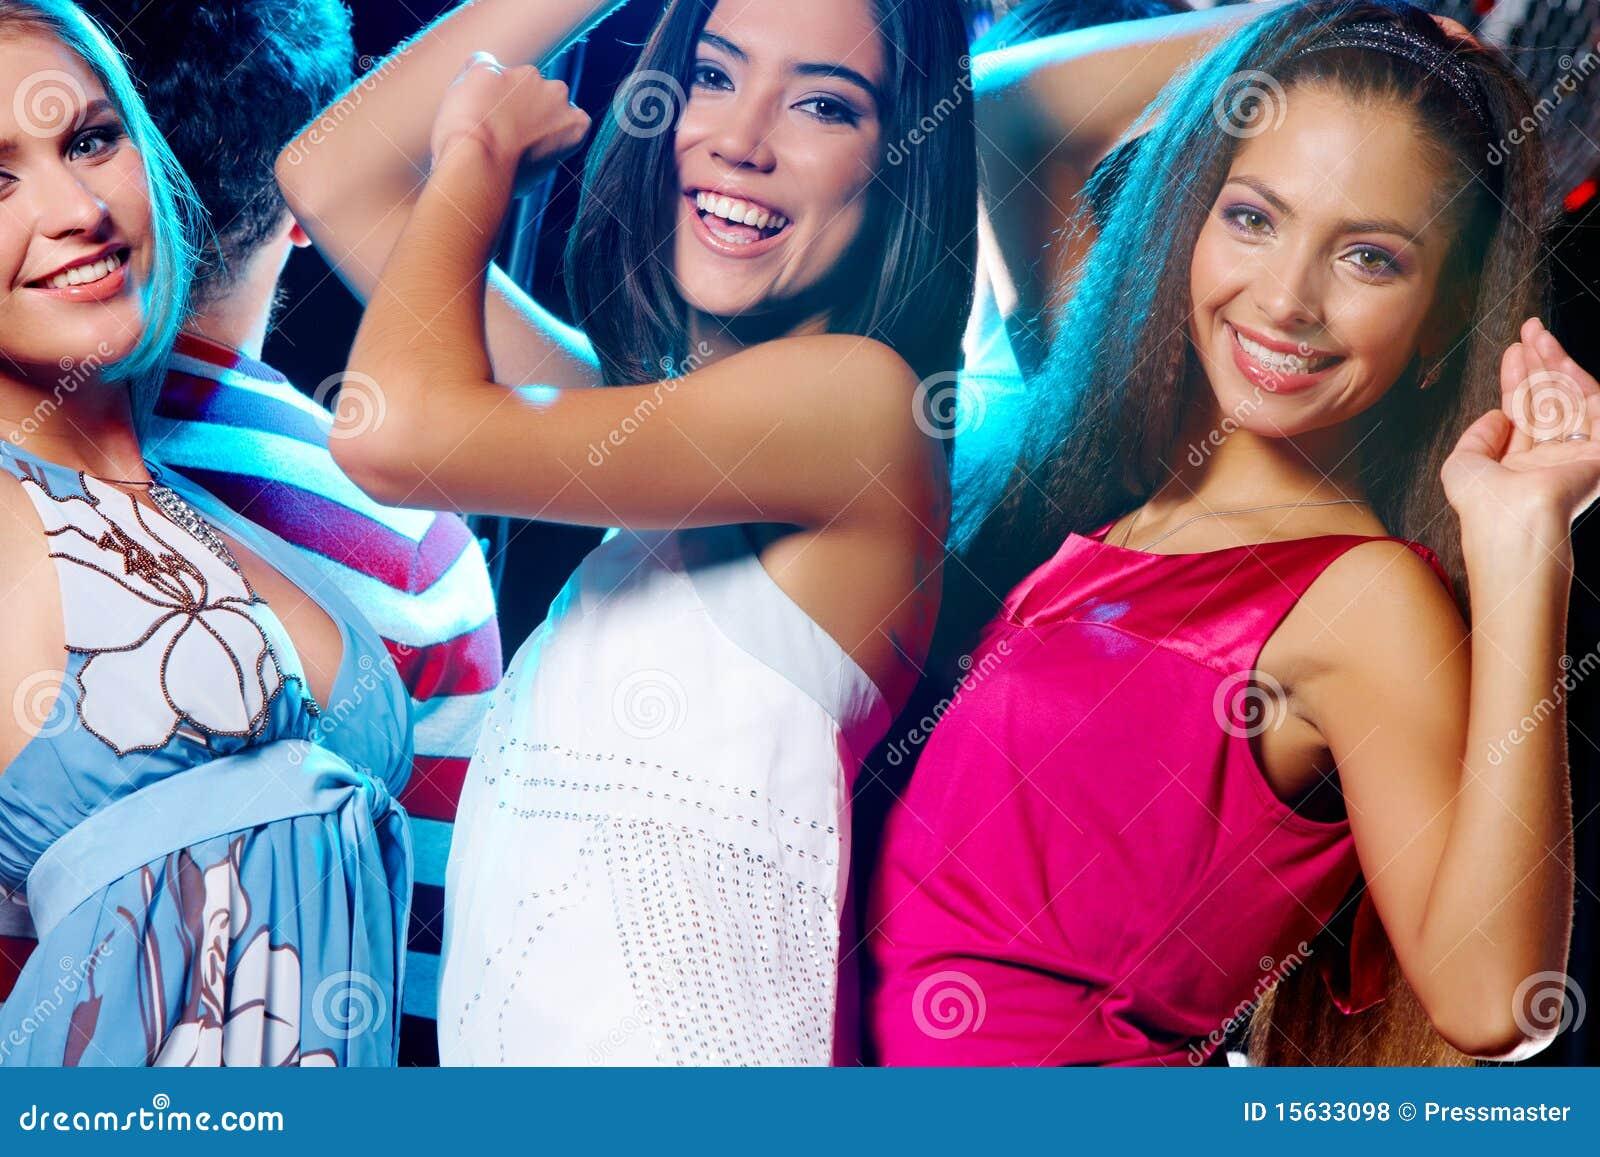 Русские девки на дискотеках 6 фотография